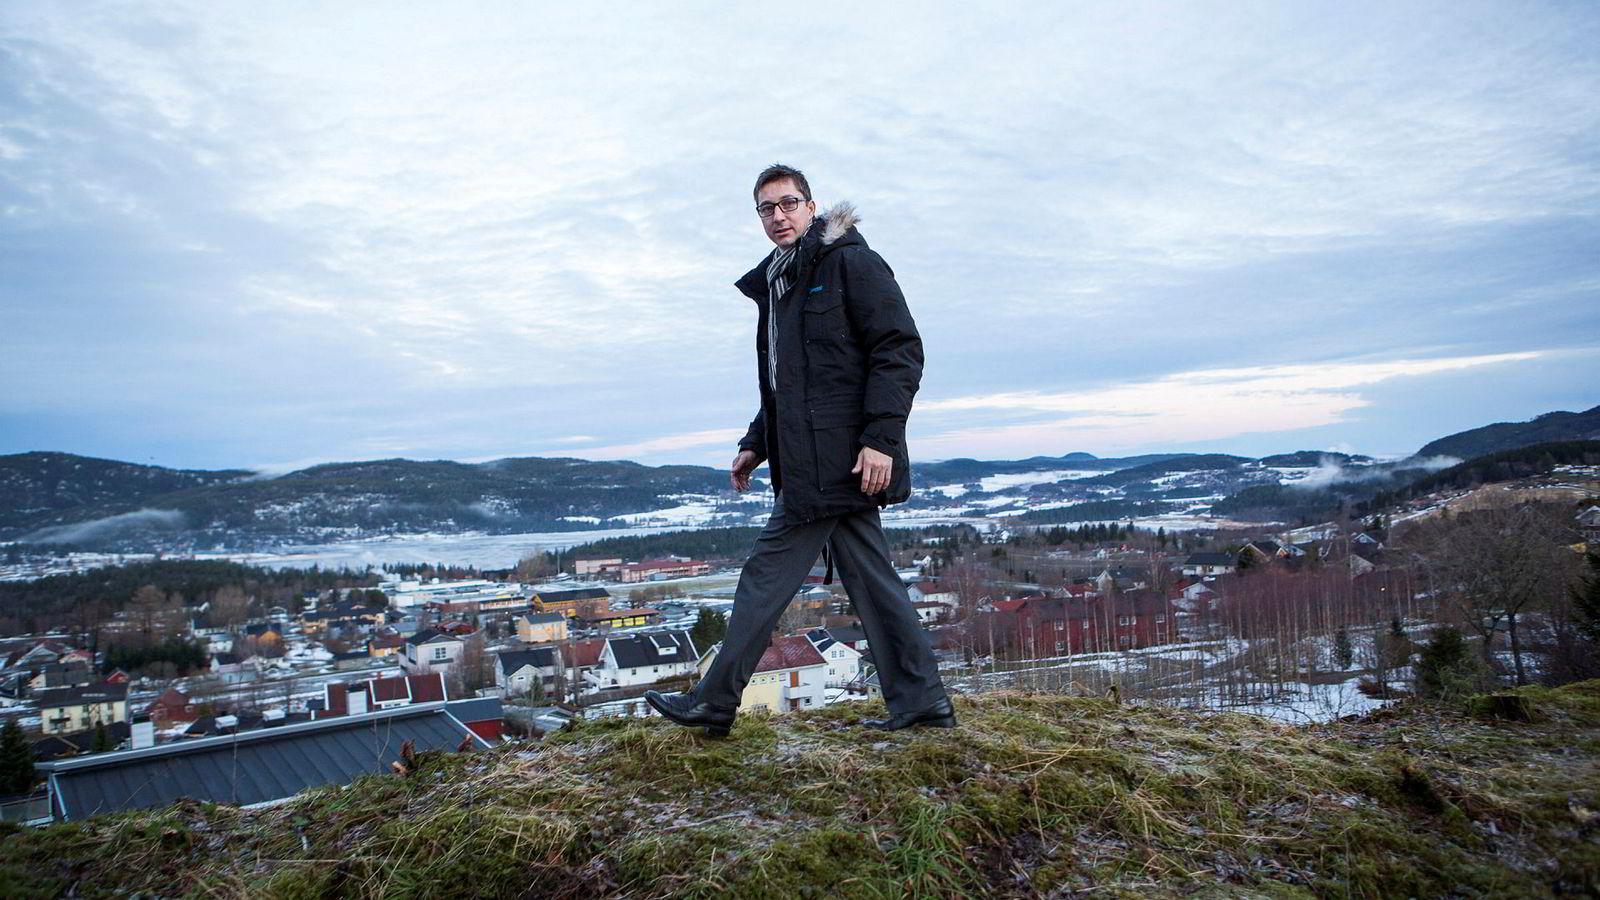 Bjørn Asle Hynne er leder av Aasen Sparebank i Verdal i Trøndelag, og spaserer ut av Eika-samarbeidet sammen med ni andre lokale sparebanker. – Nå jobber vi utelukkende med å stable en helt ny allianse på bena, sier han.